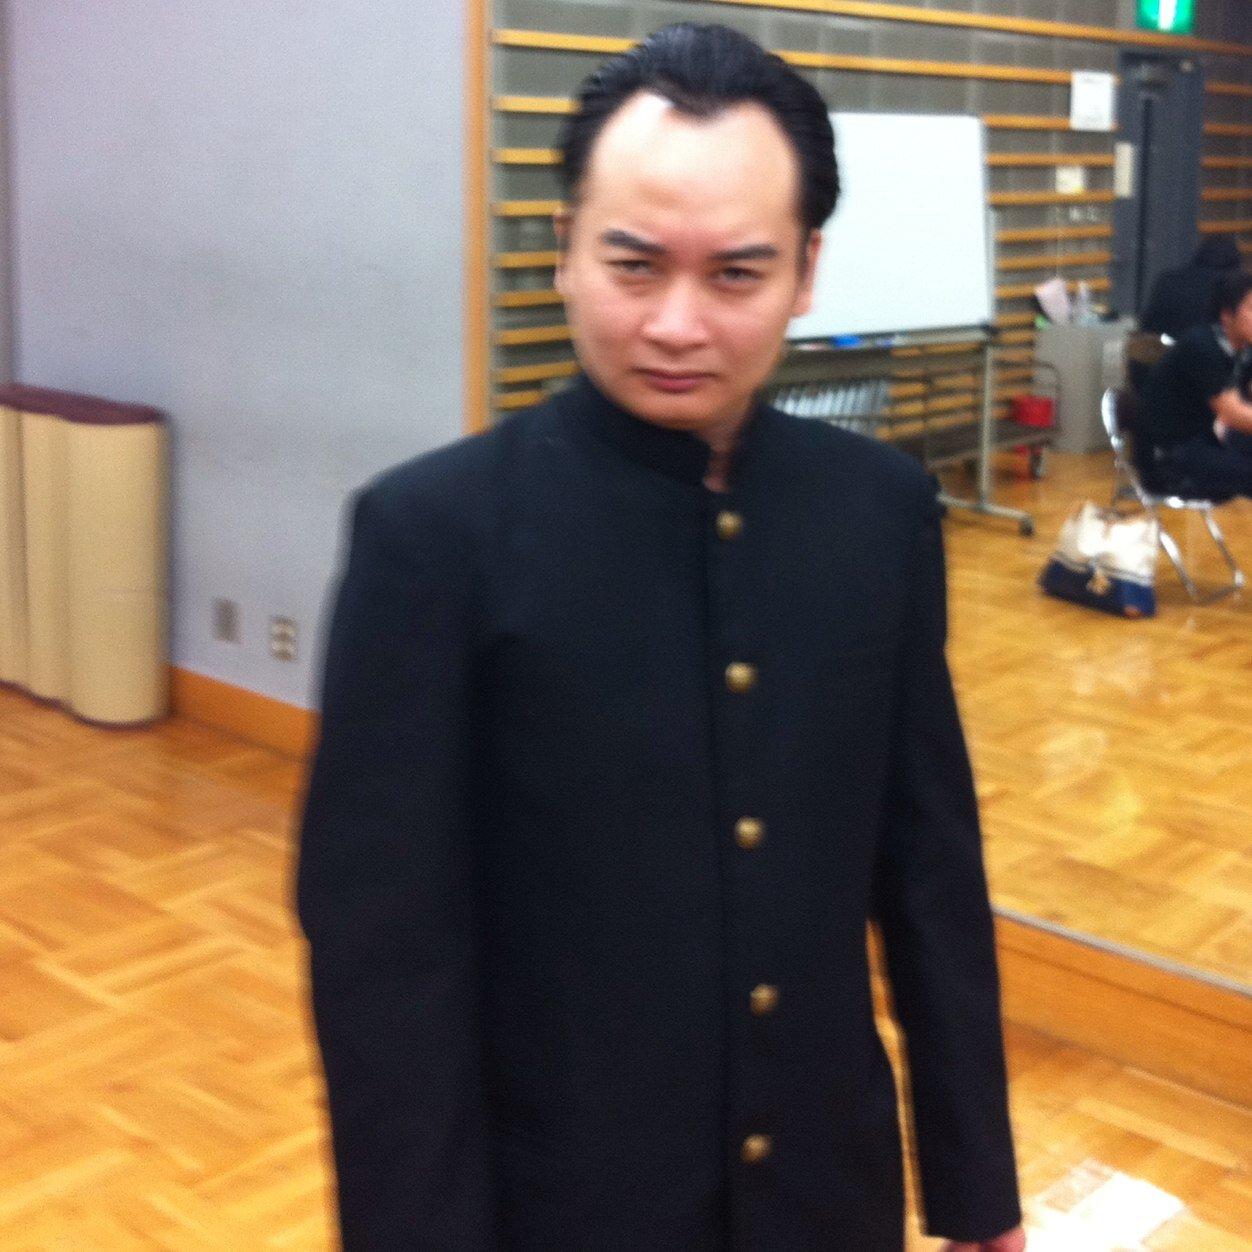 鬼ヶ島<b>アイアム野田</b> (onigasima_vocal) on Twitter